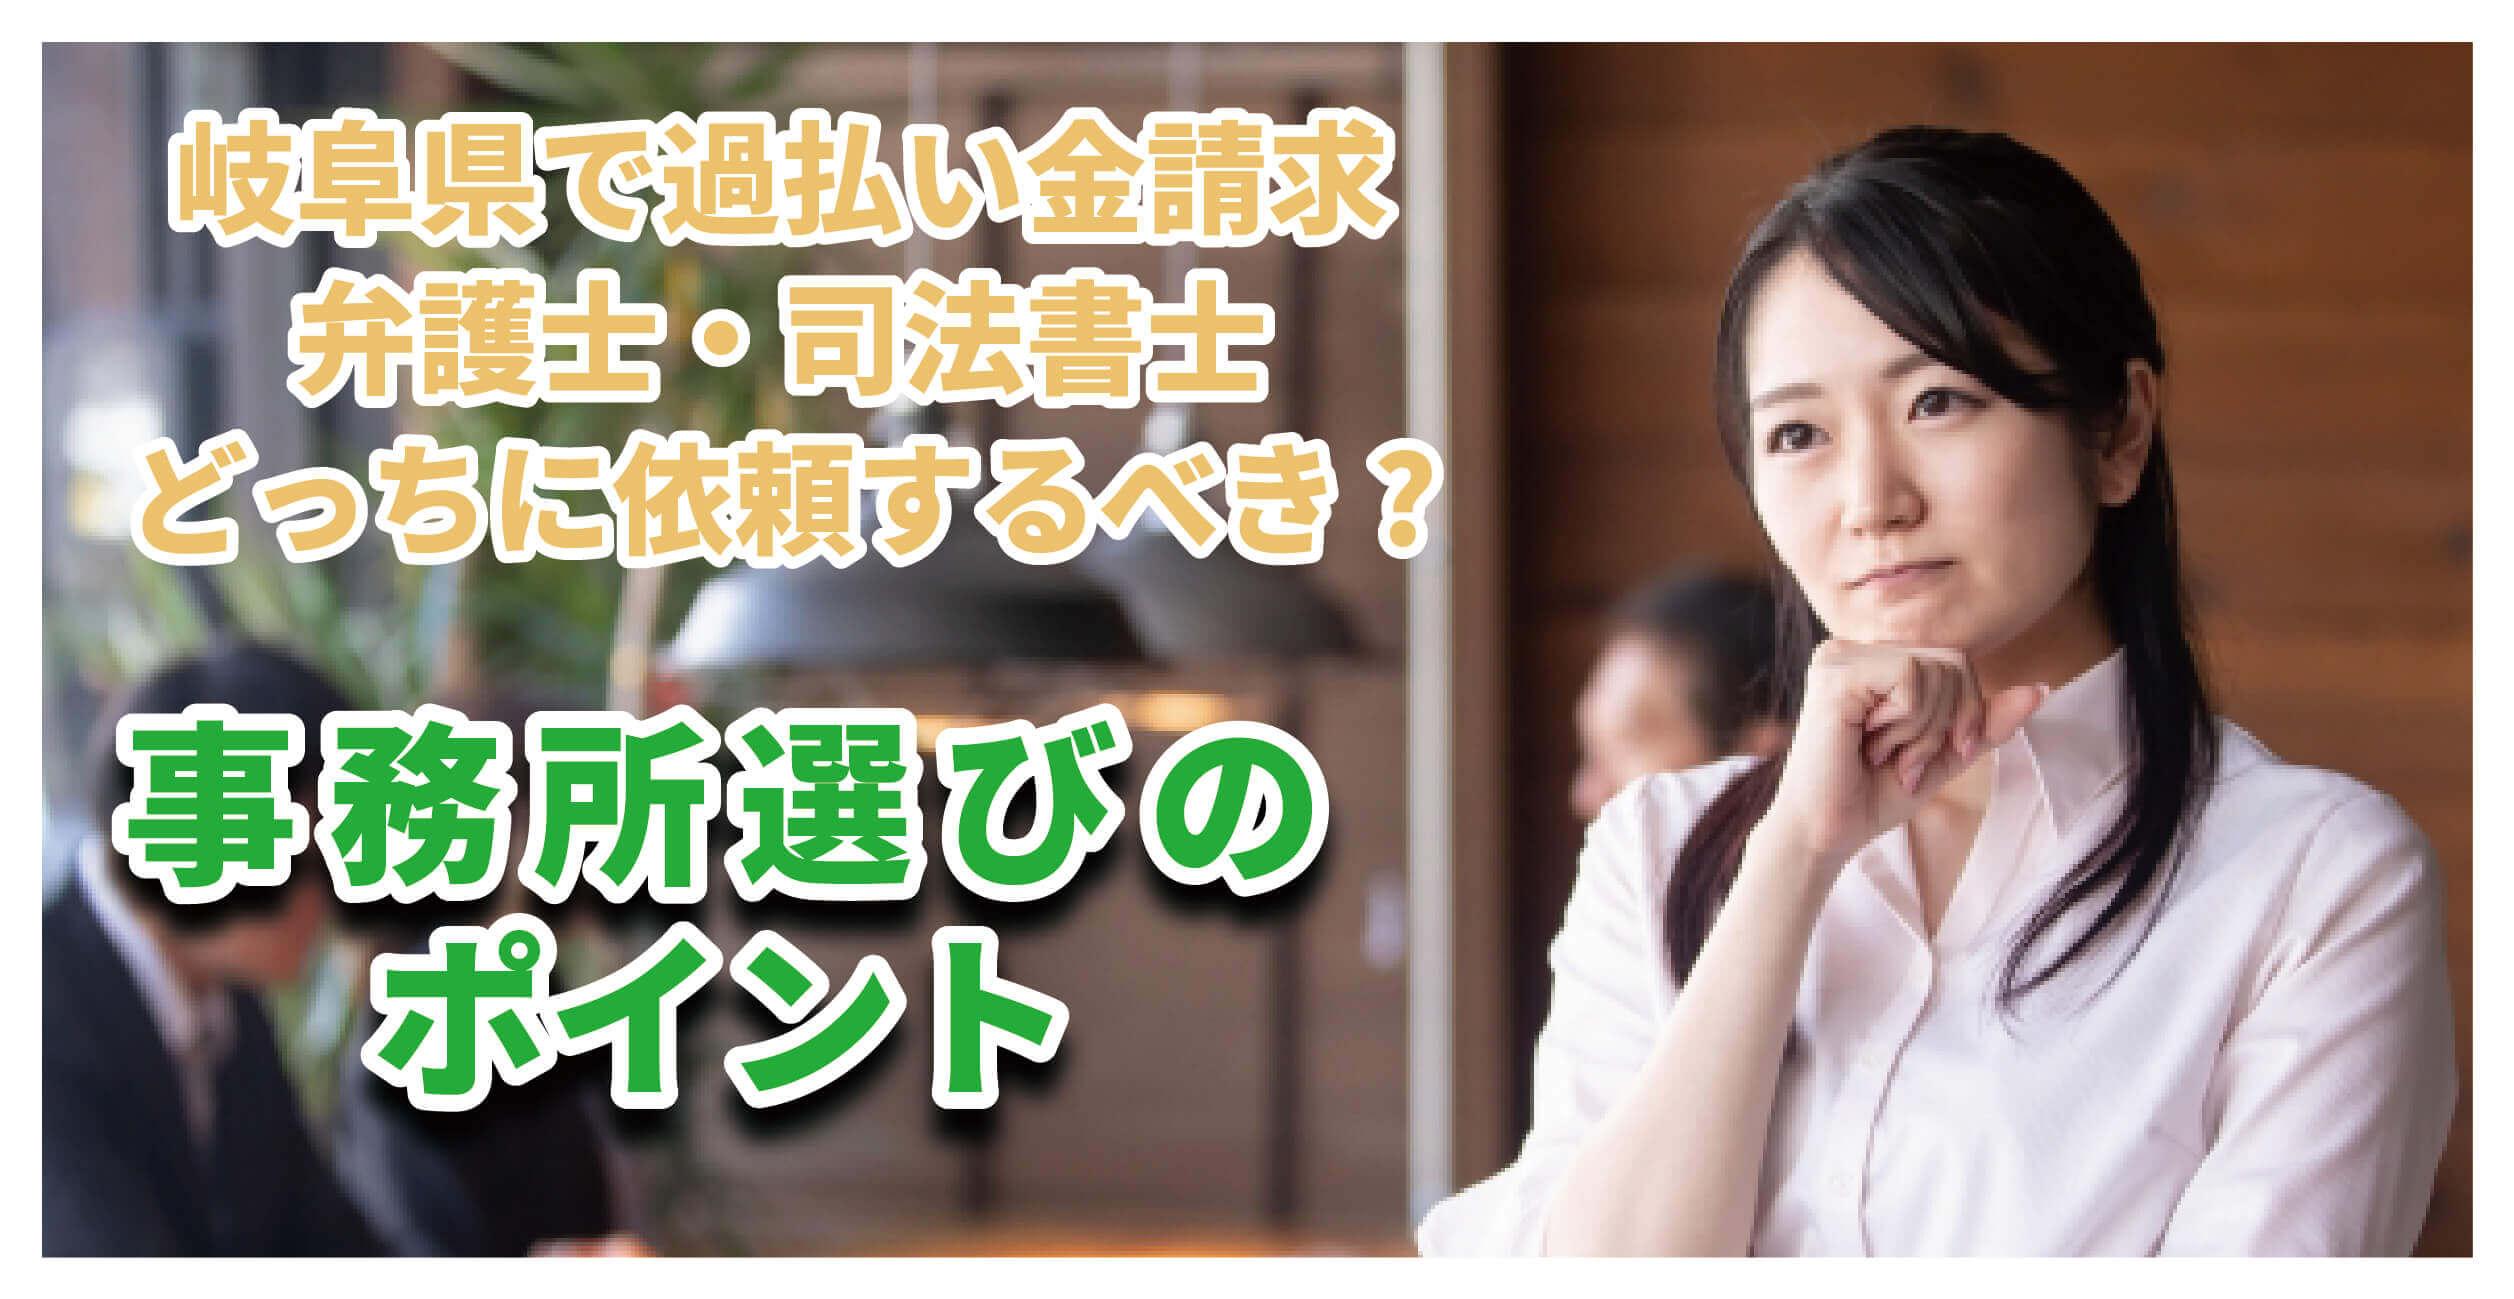 岐阜県で過払い金請求するなら弁護士と司法書士どっちがいいの?